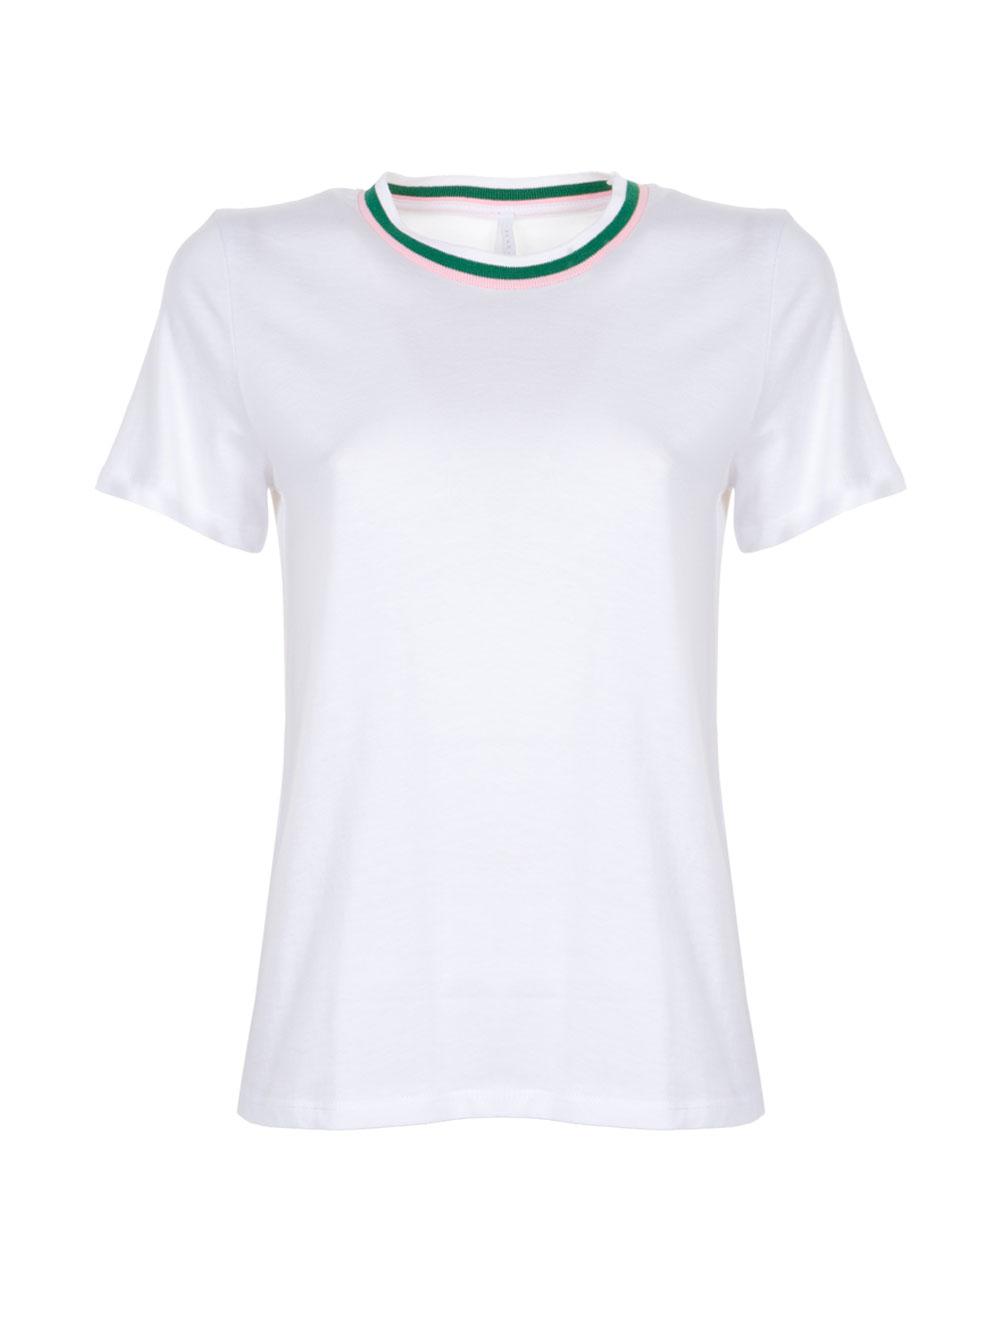 Хлопковая футболка  Imperial